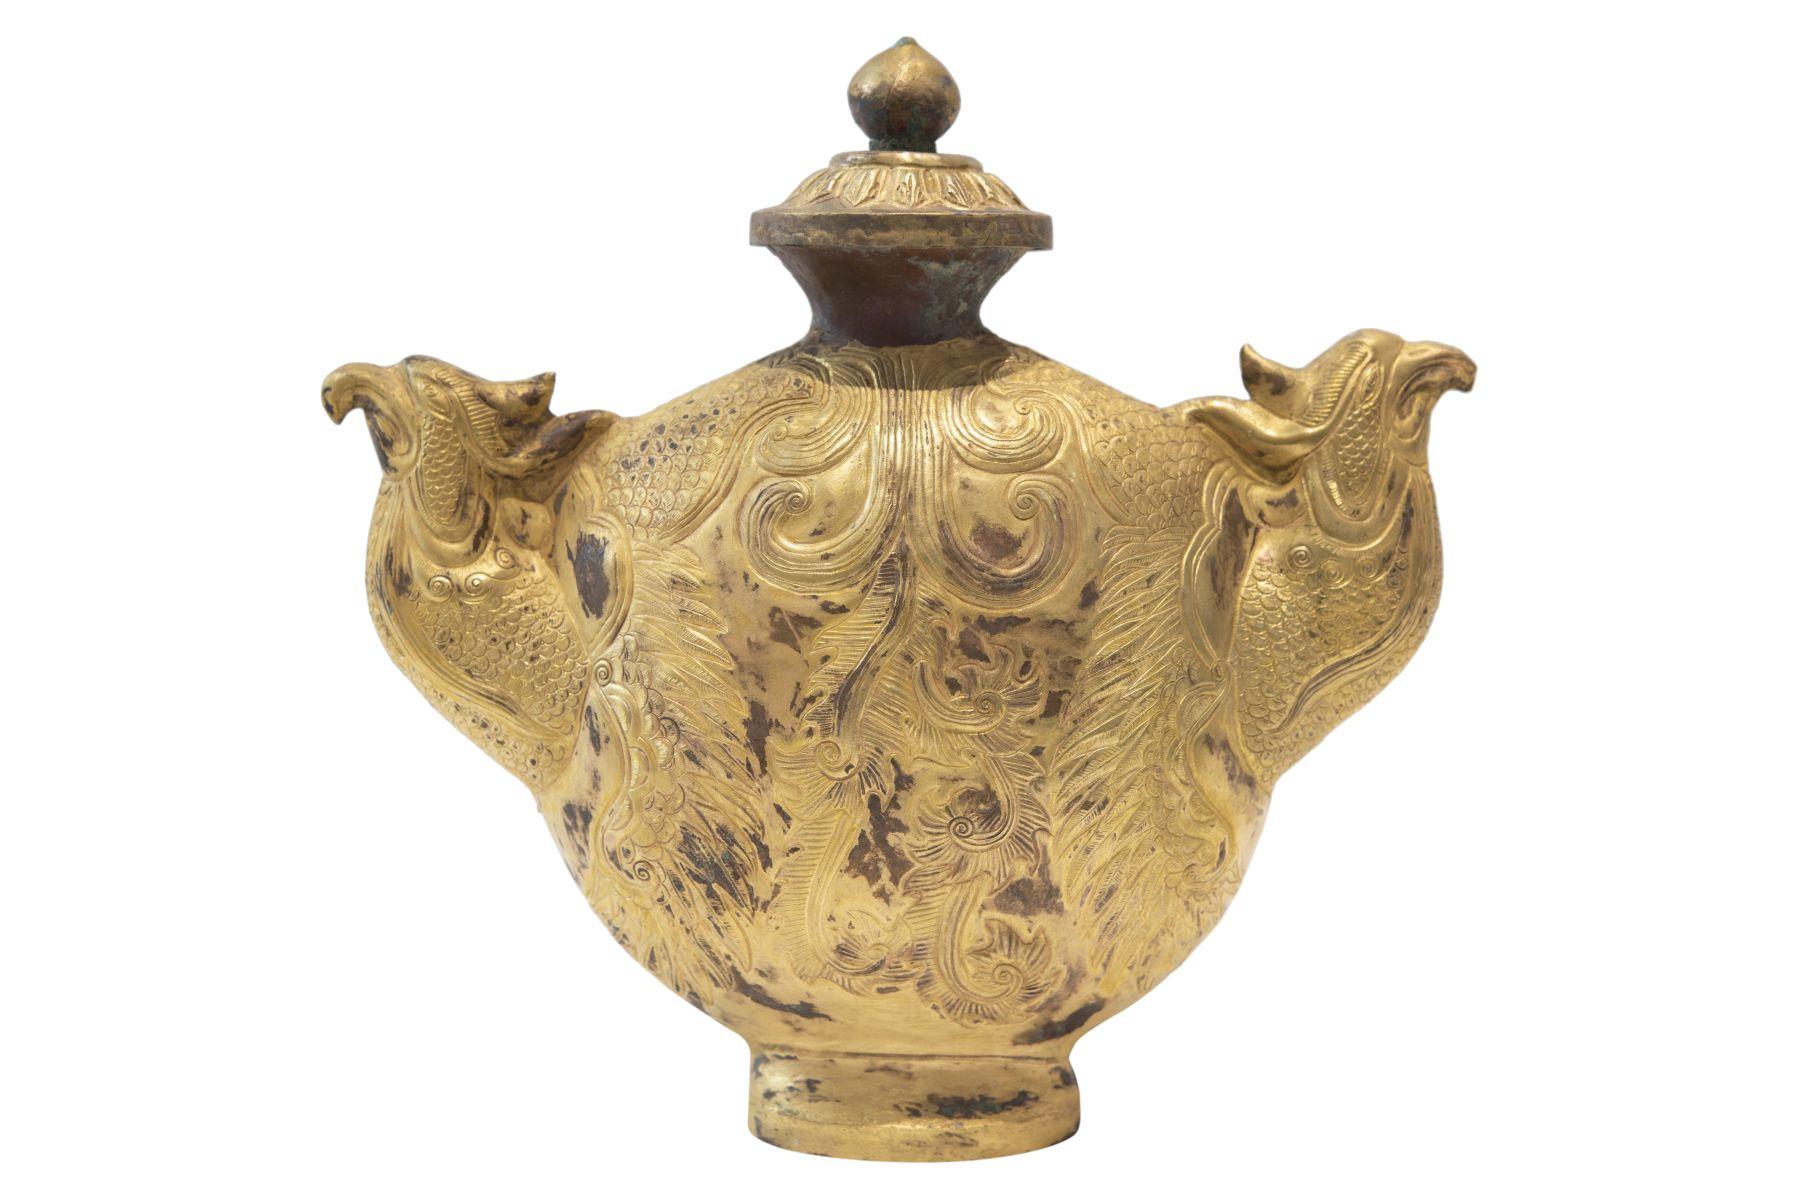 #145 Fire-gilded copper repoussé vessel | Feuervergoldetes Kupfer Repoussé Gefäß Image